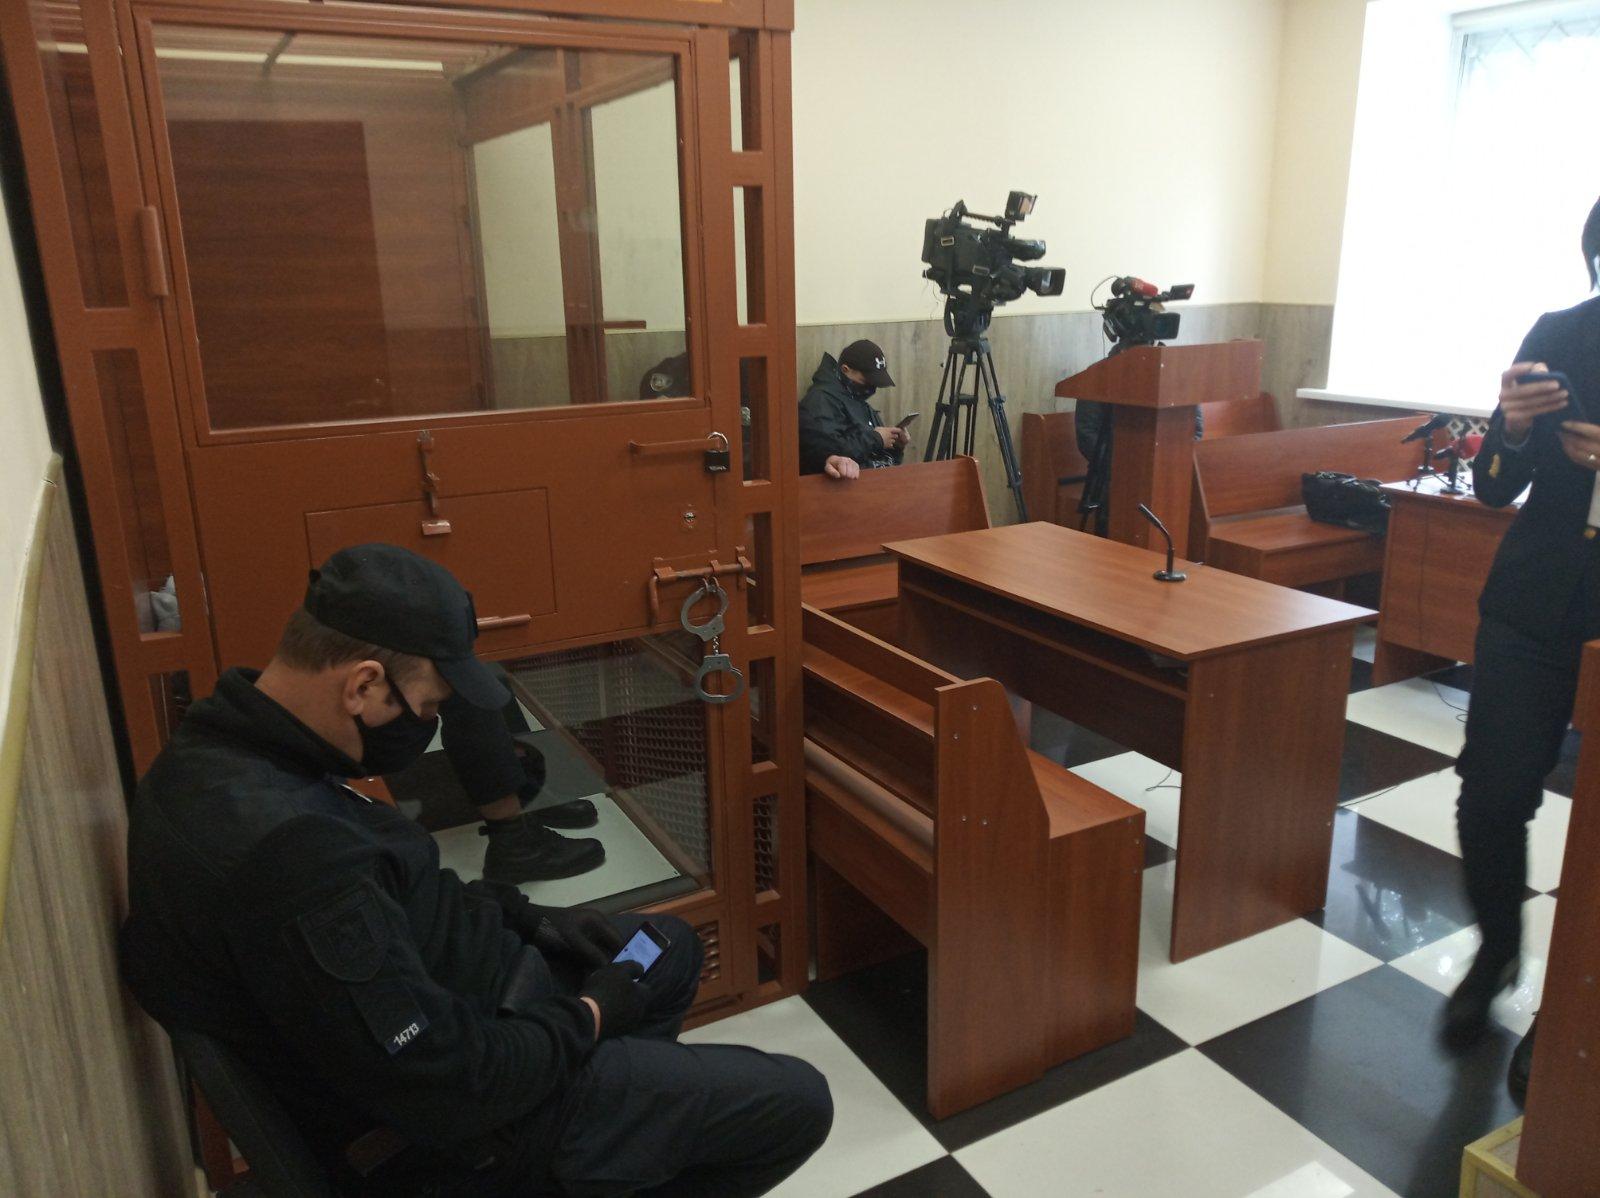 Броварський суд арештував на два місяці 20 осіб, підозрюваних у масовій стрілянині - стрілянина - yzobrazhenye viber 2020 05 31 13 09 52